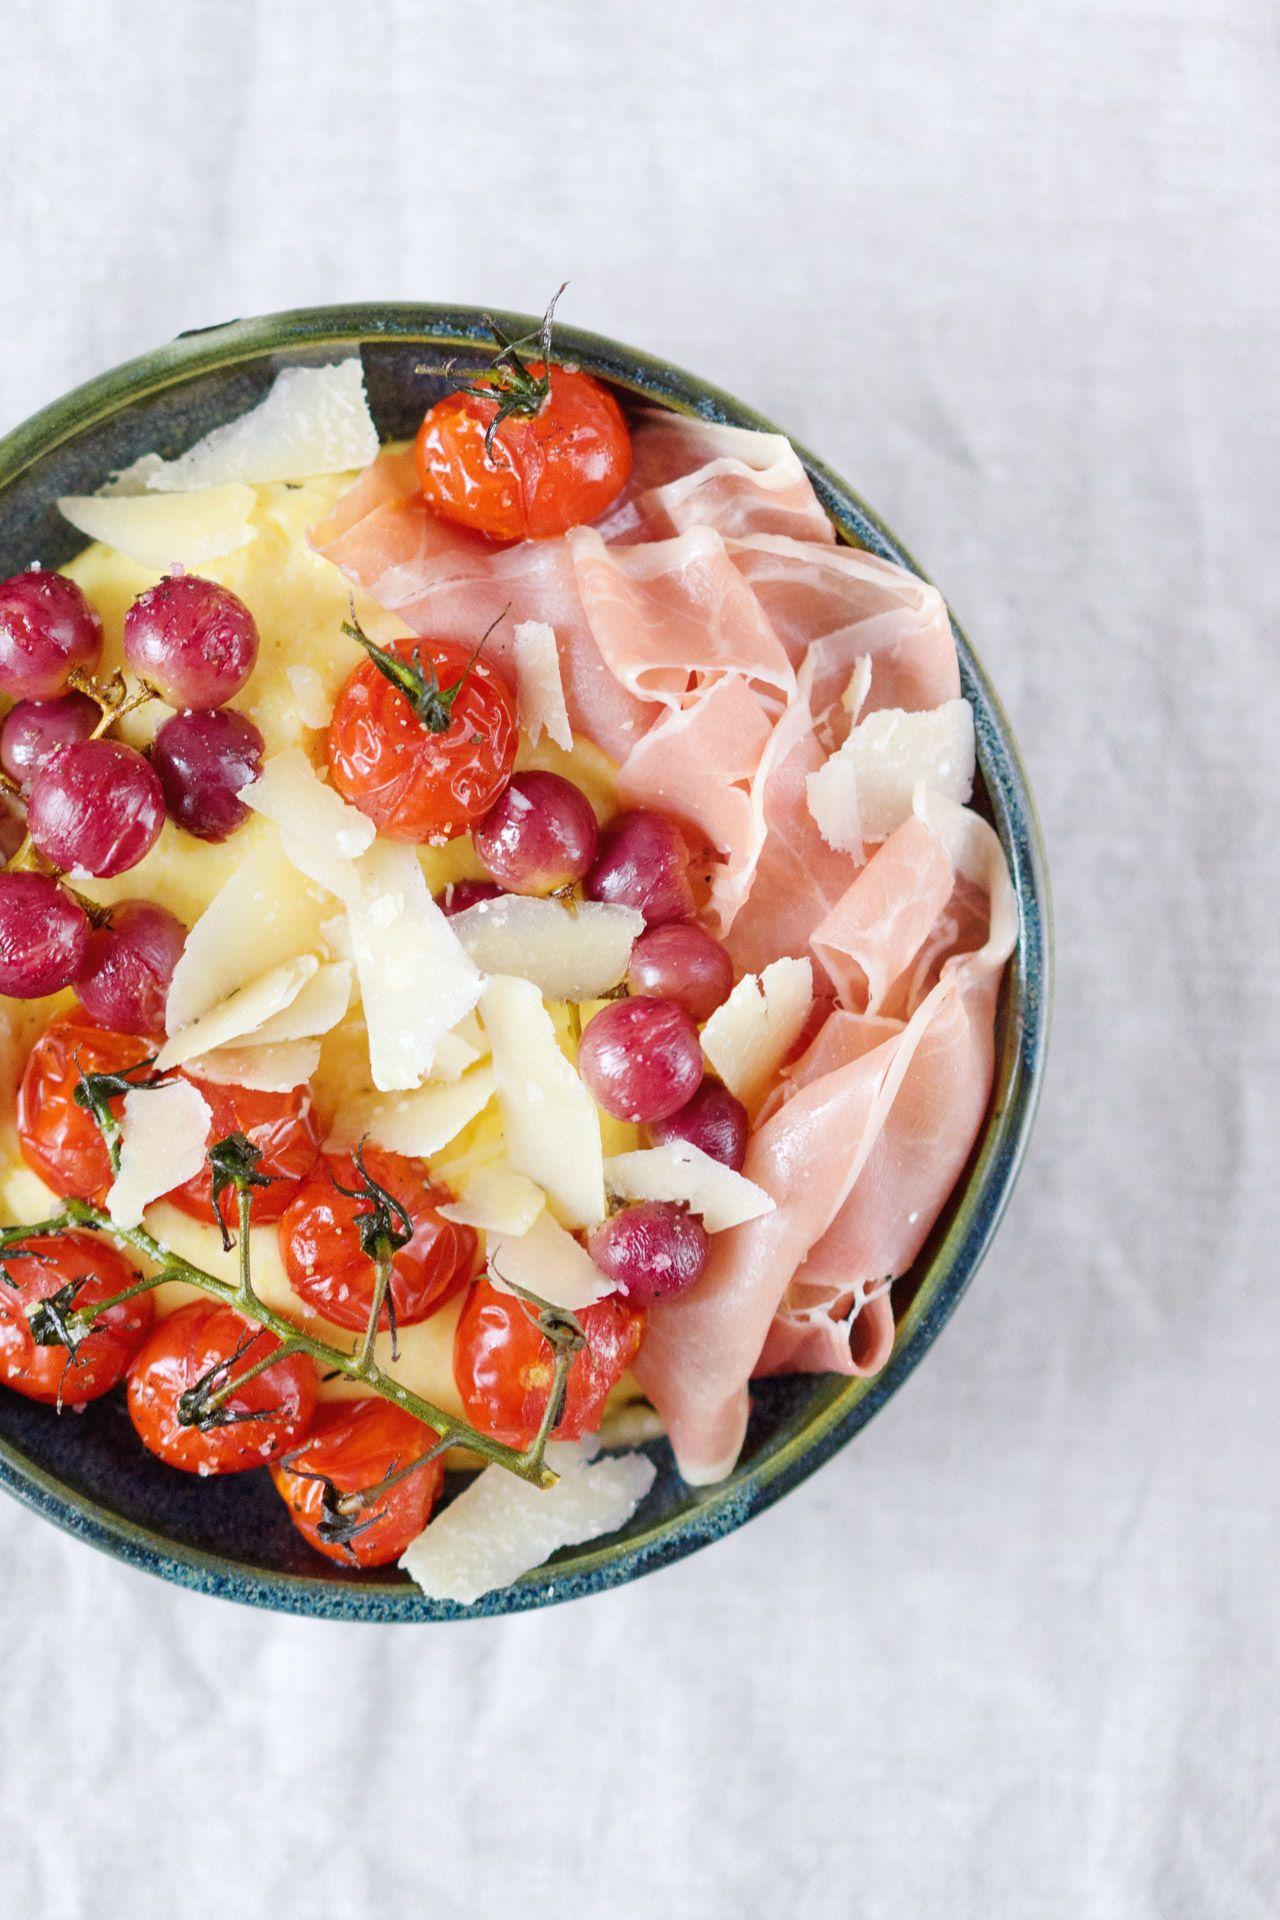 Berliner Kuche Polenta Mit Gerosteten Weintrauben Und Tomaten Parmesan Und Parmaschinken Berliner Kuche Rezepte Lebensmittel Essen